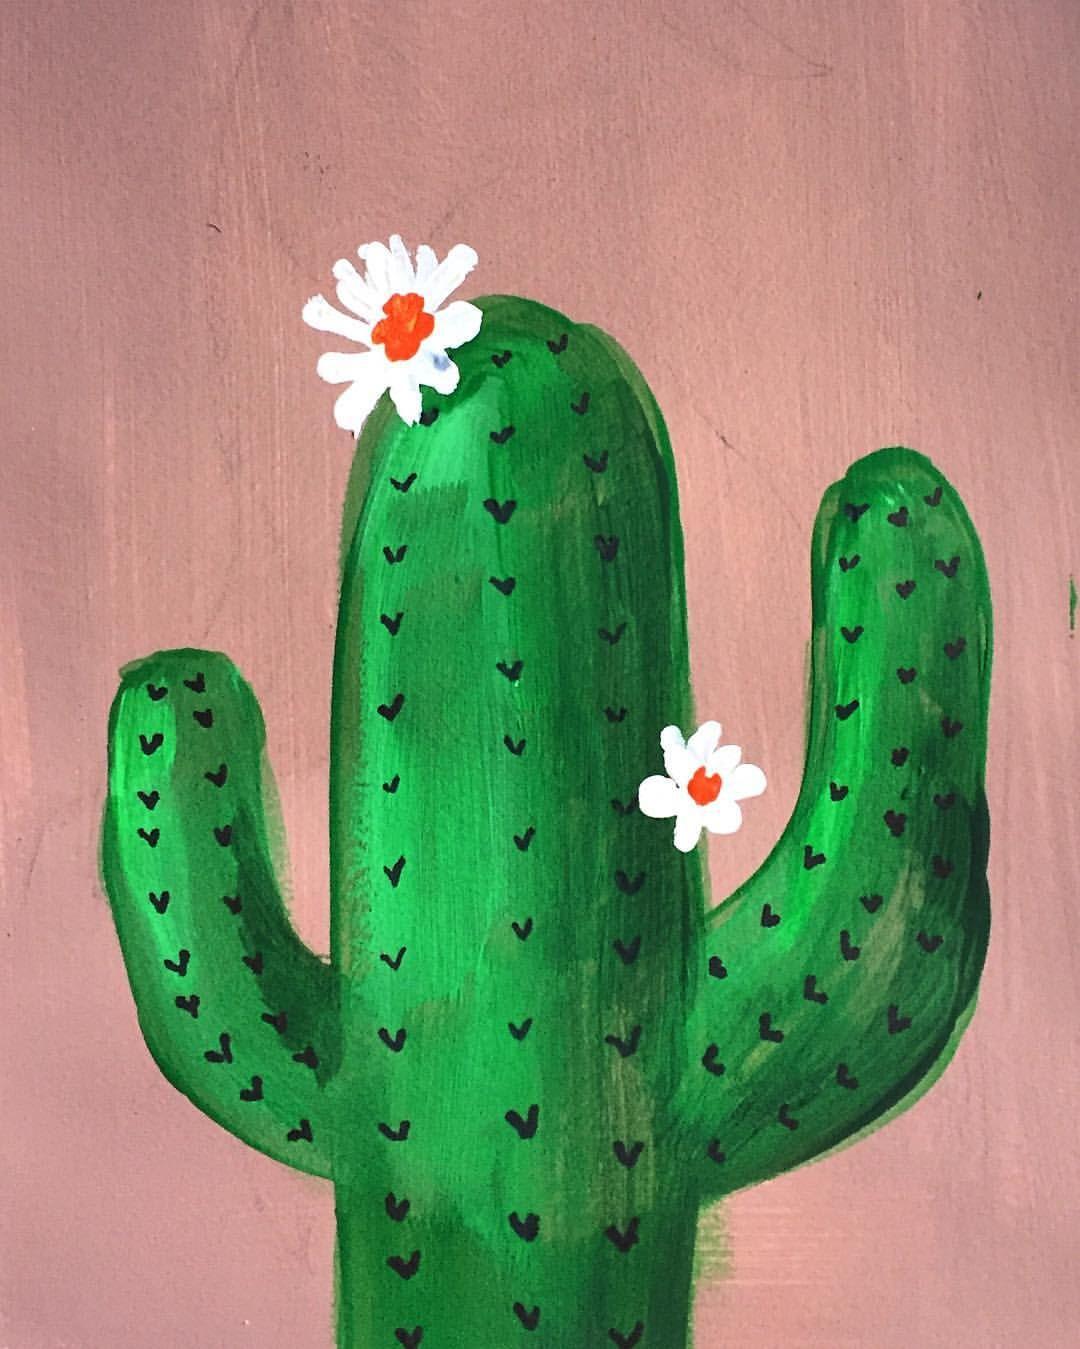 Acrylic Painting Cactus Con Imagenes Pinturas Dibujos En